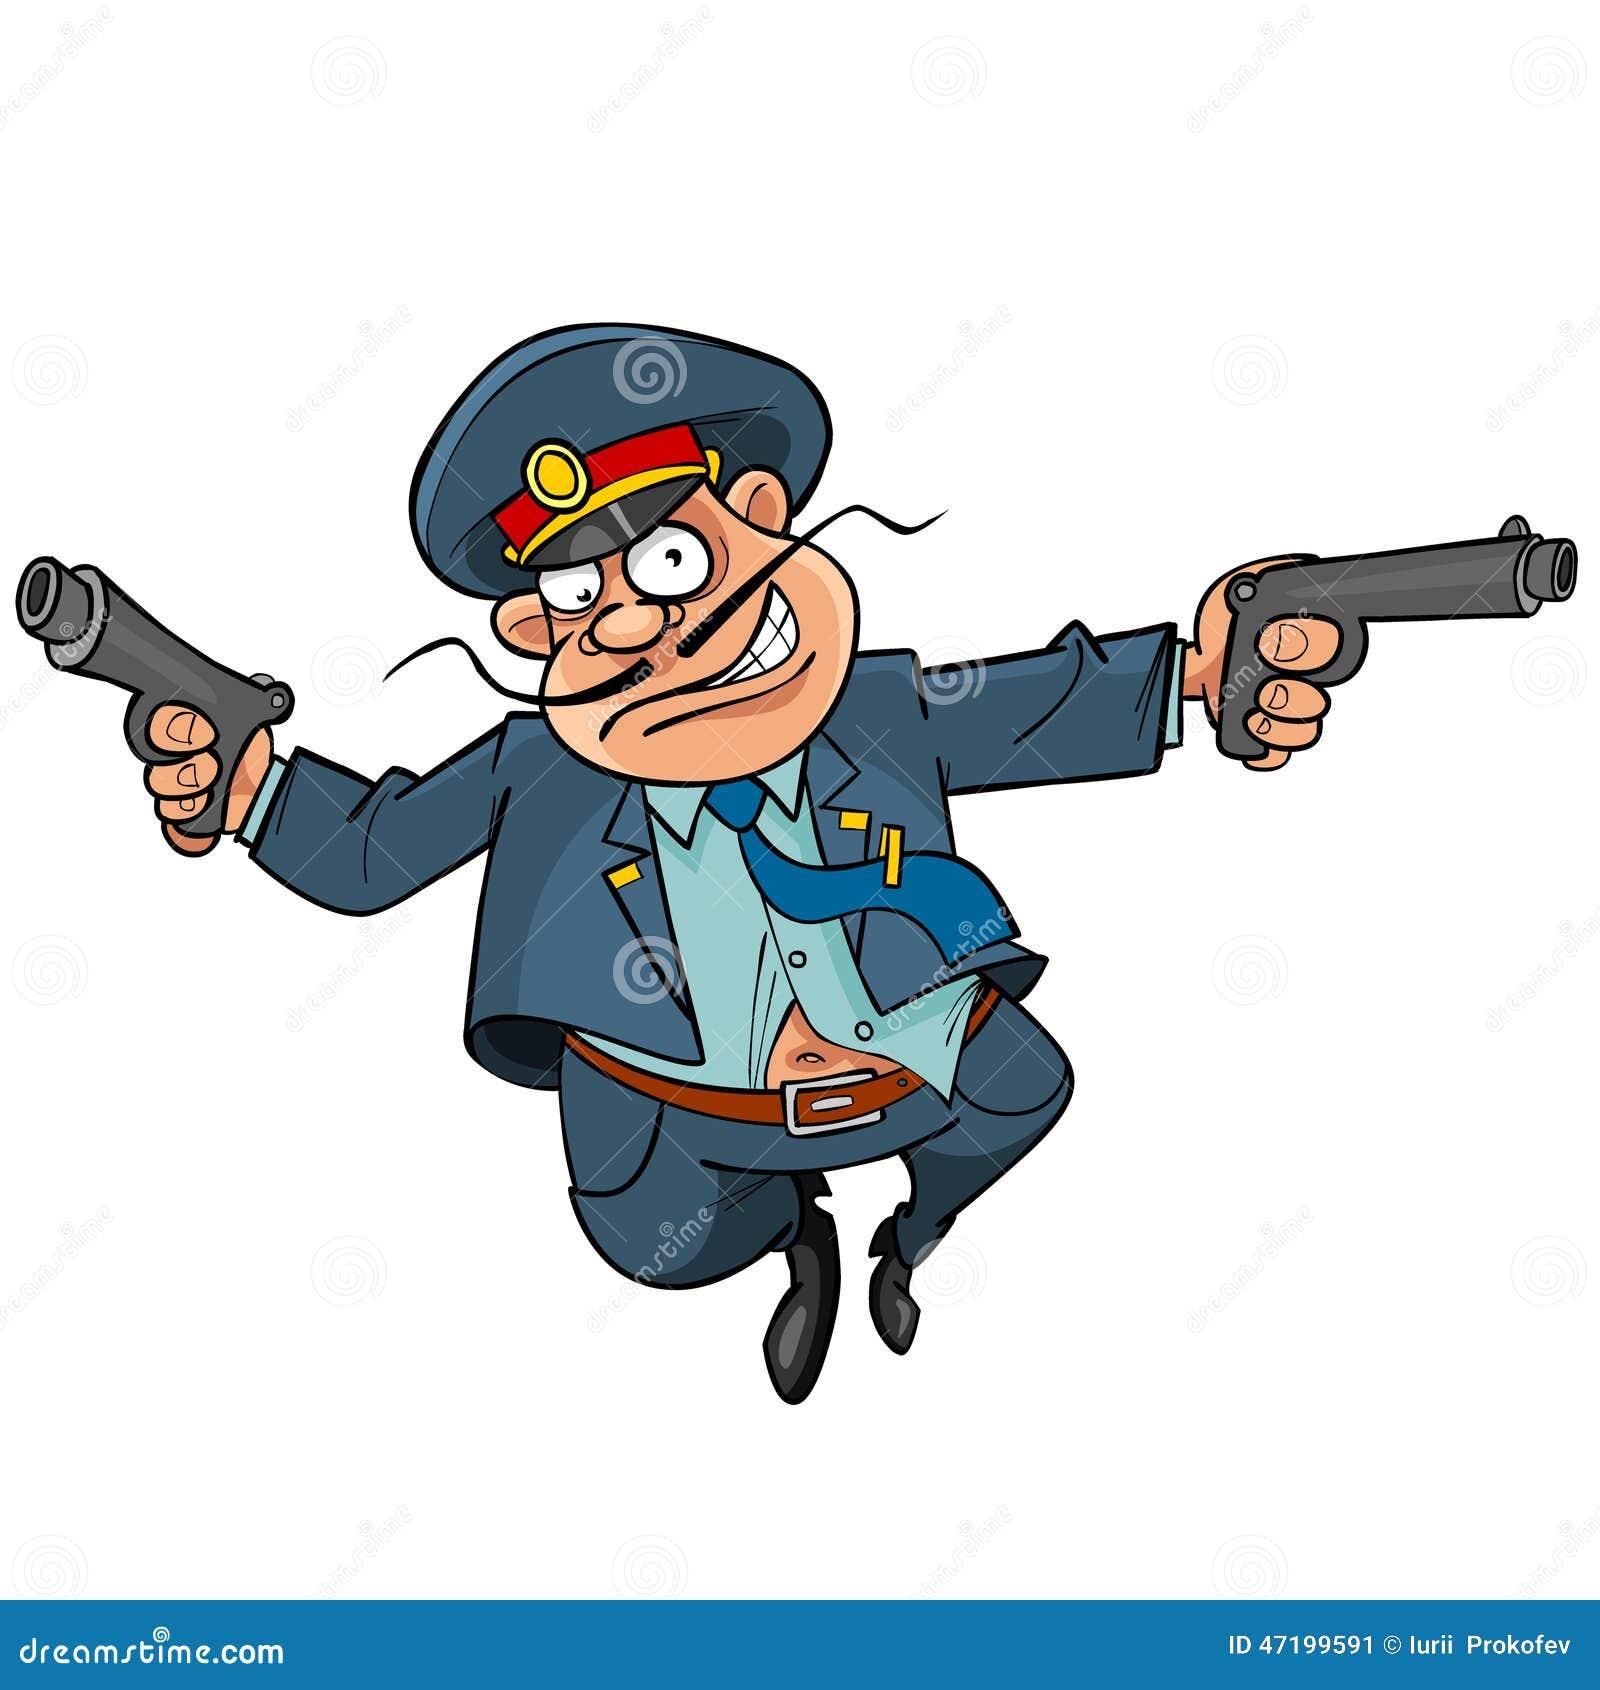 cartoon policeman running stock illustrations u2013 76 cartoon